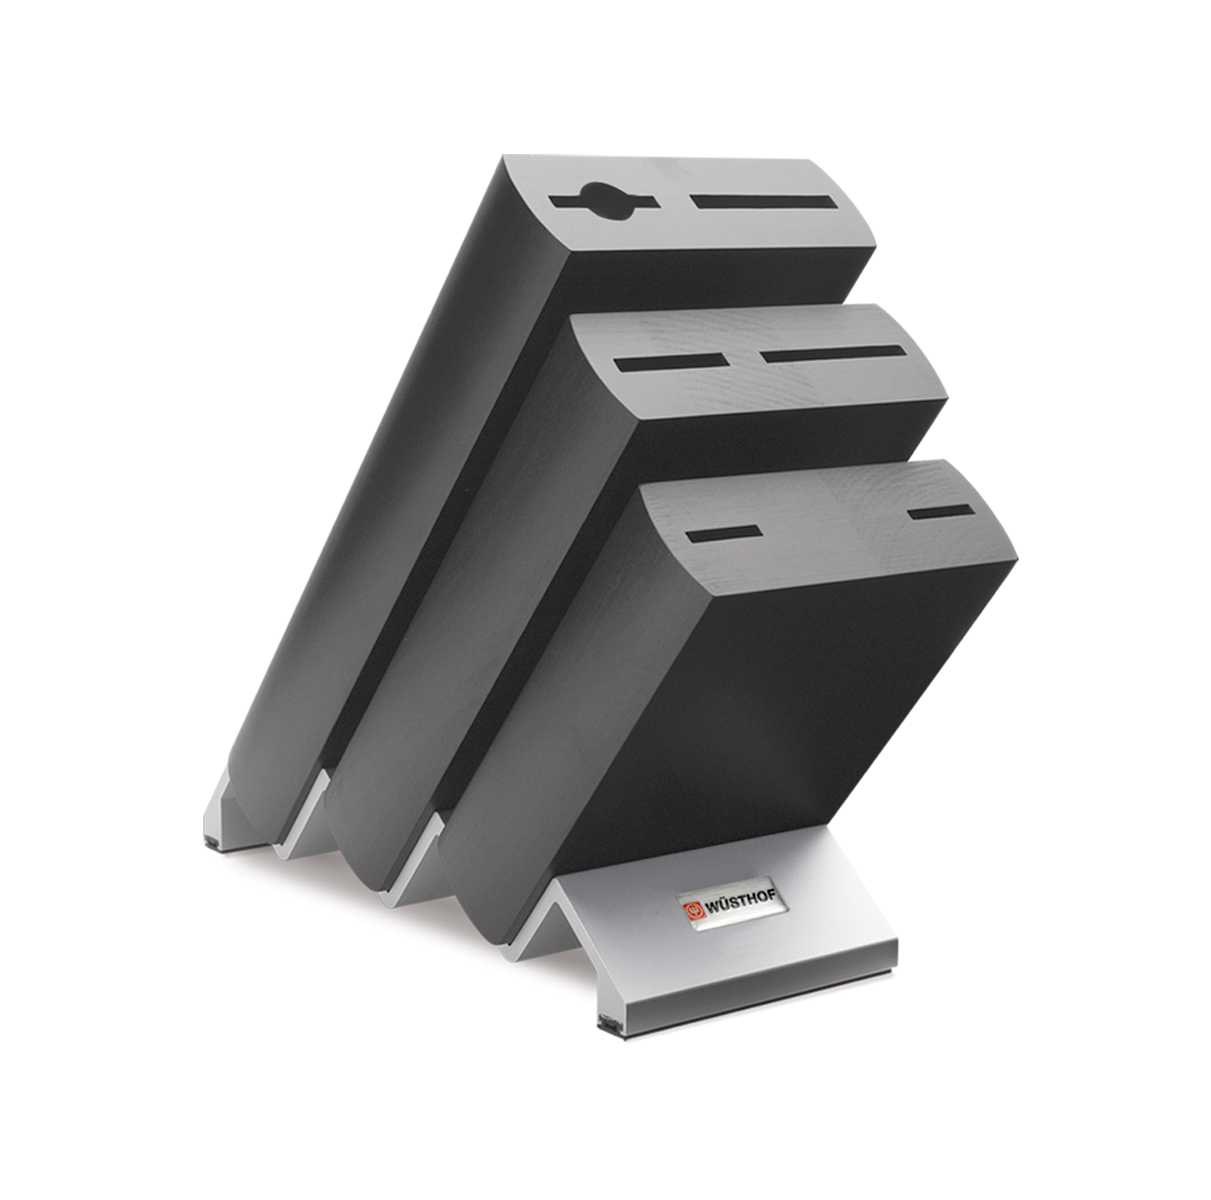 Блок для ножей деревянный на 6 предметов Wuesthof Storing Accessories, серый Wuesthof 7250 фото 0